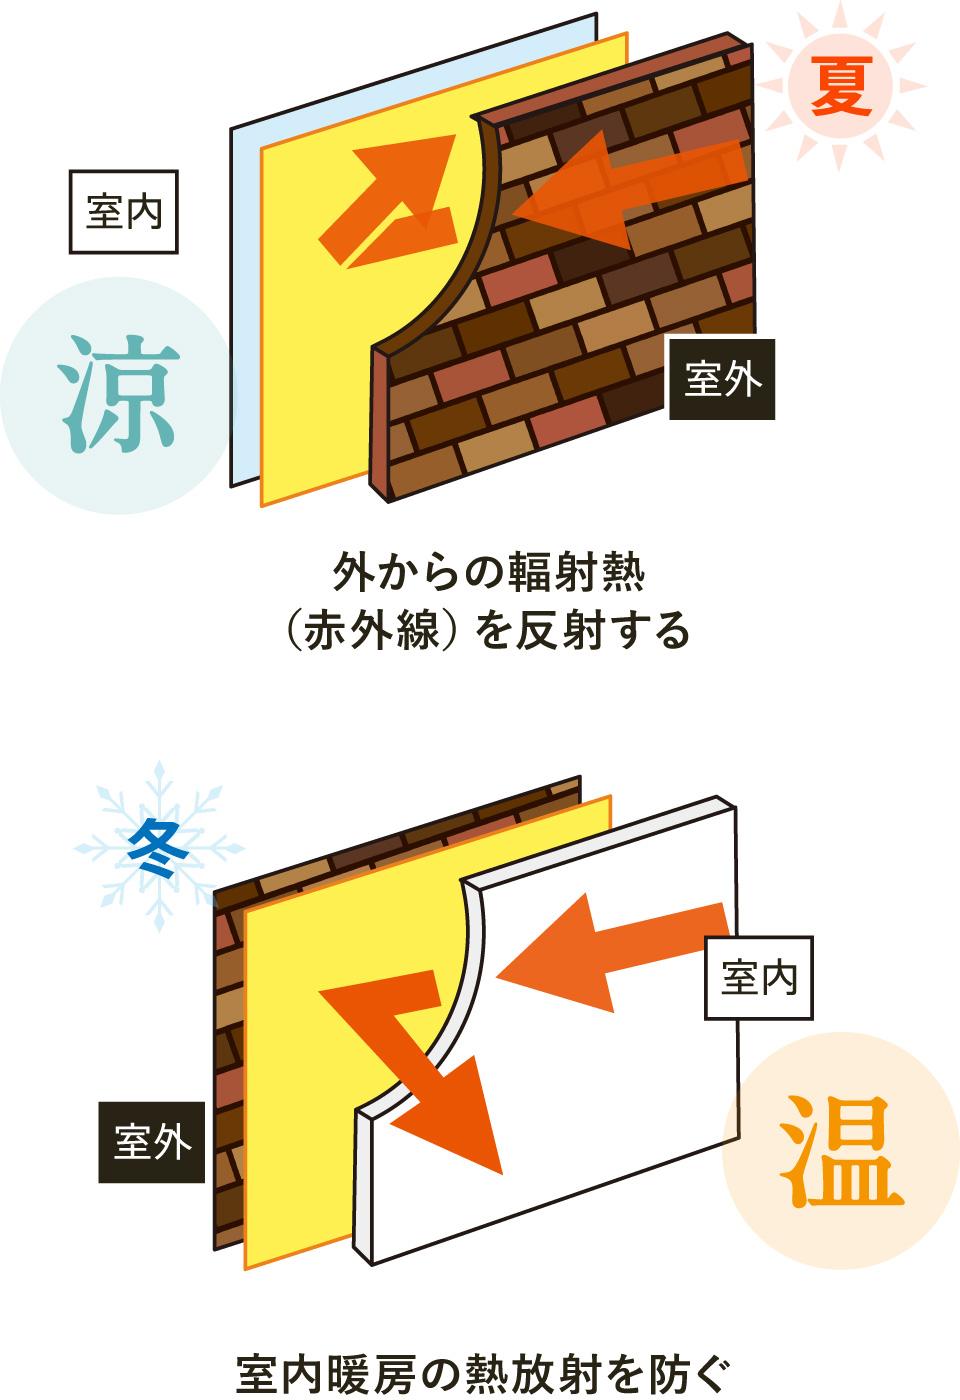 外からの輻射熱(赤外線)を反射する/室内暖房の熱放射を防ぐ